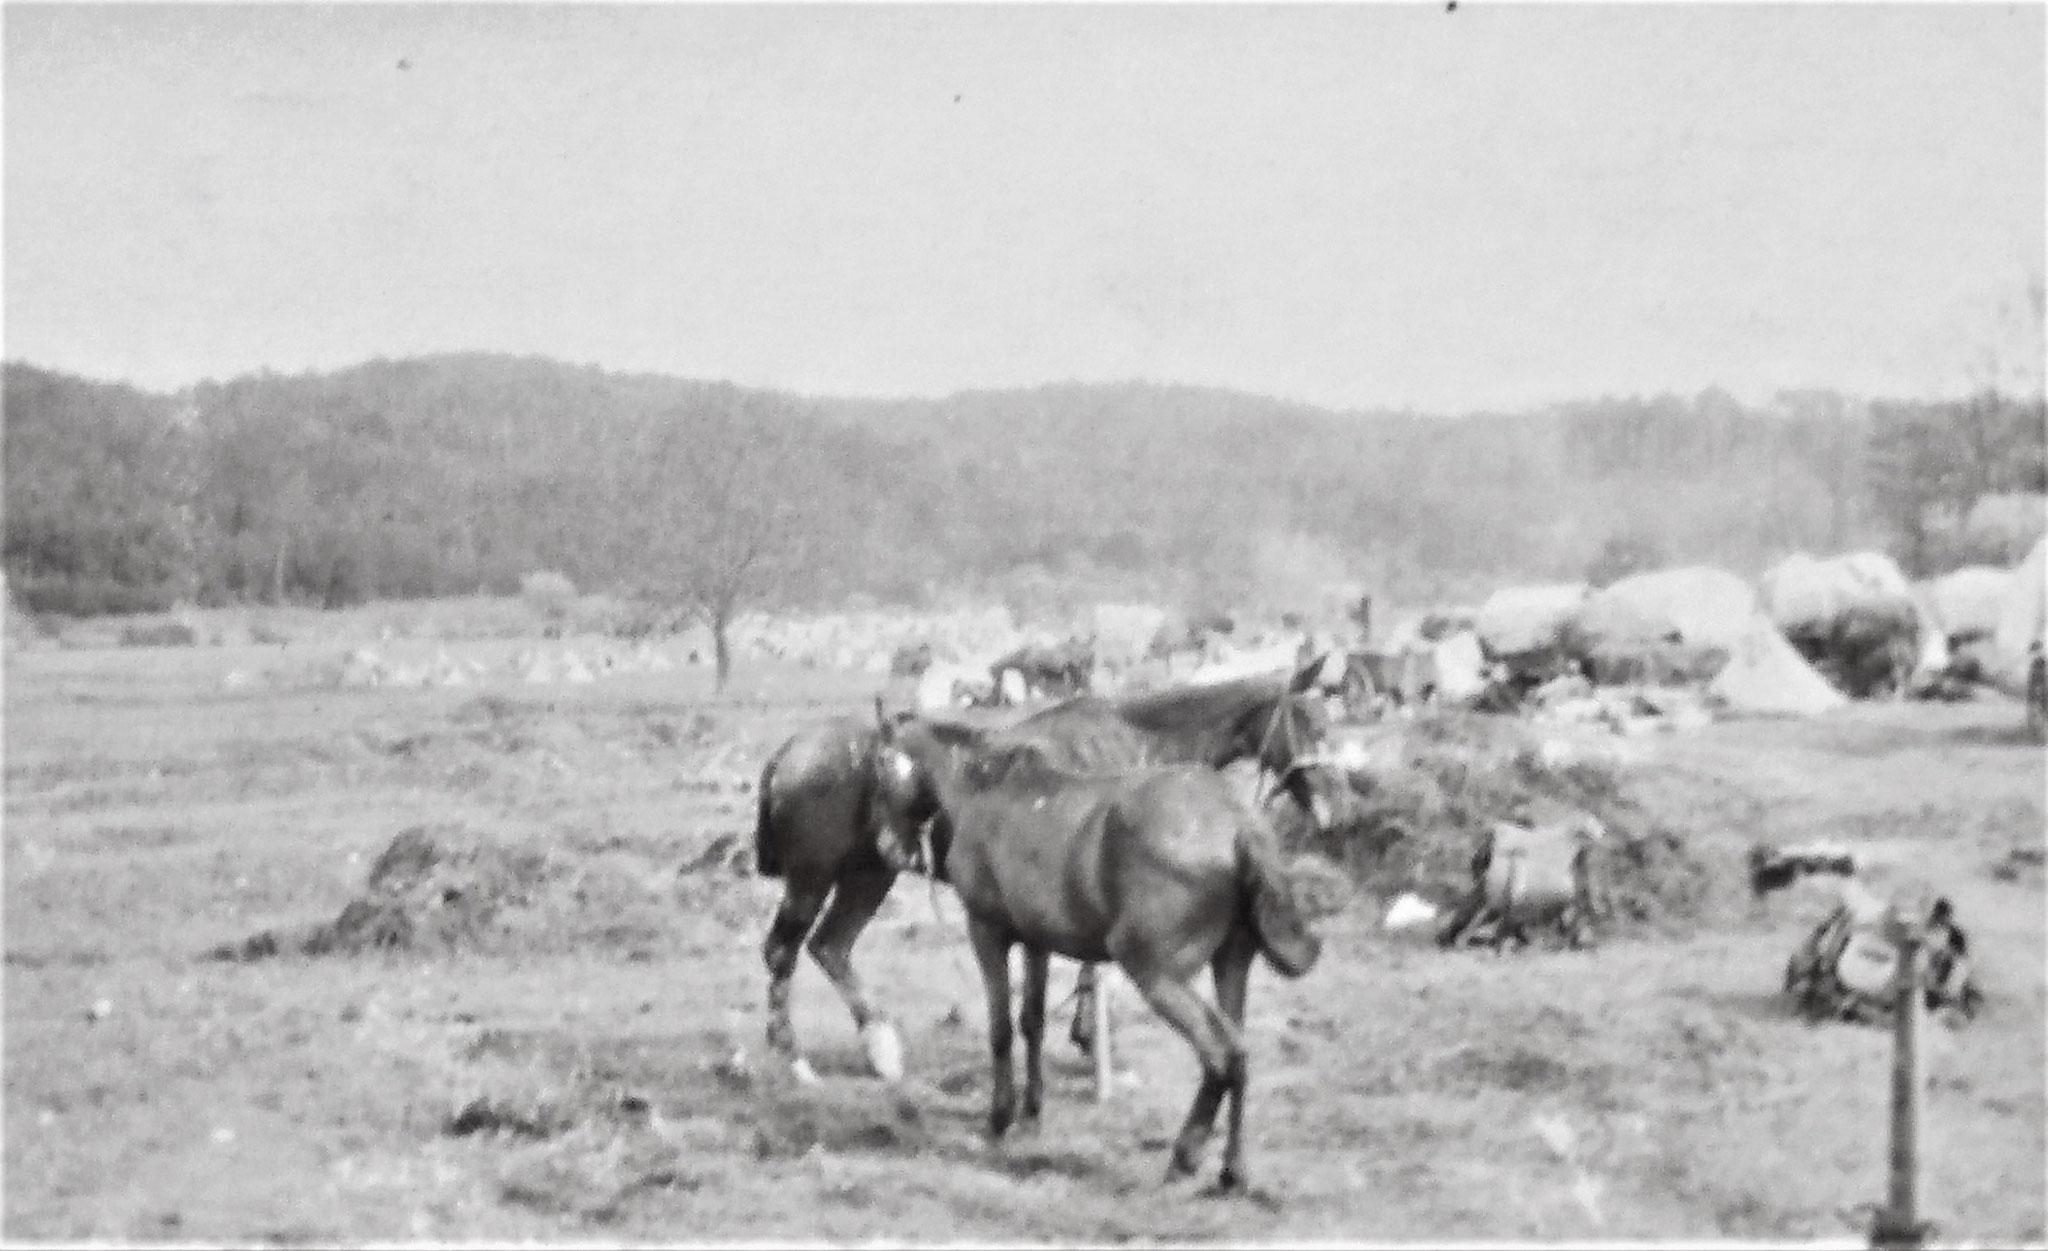 Lager des LIR. 5 (Pola) als Korps- od. Div. Res am 31. / 5. (vorne Train).